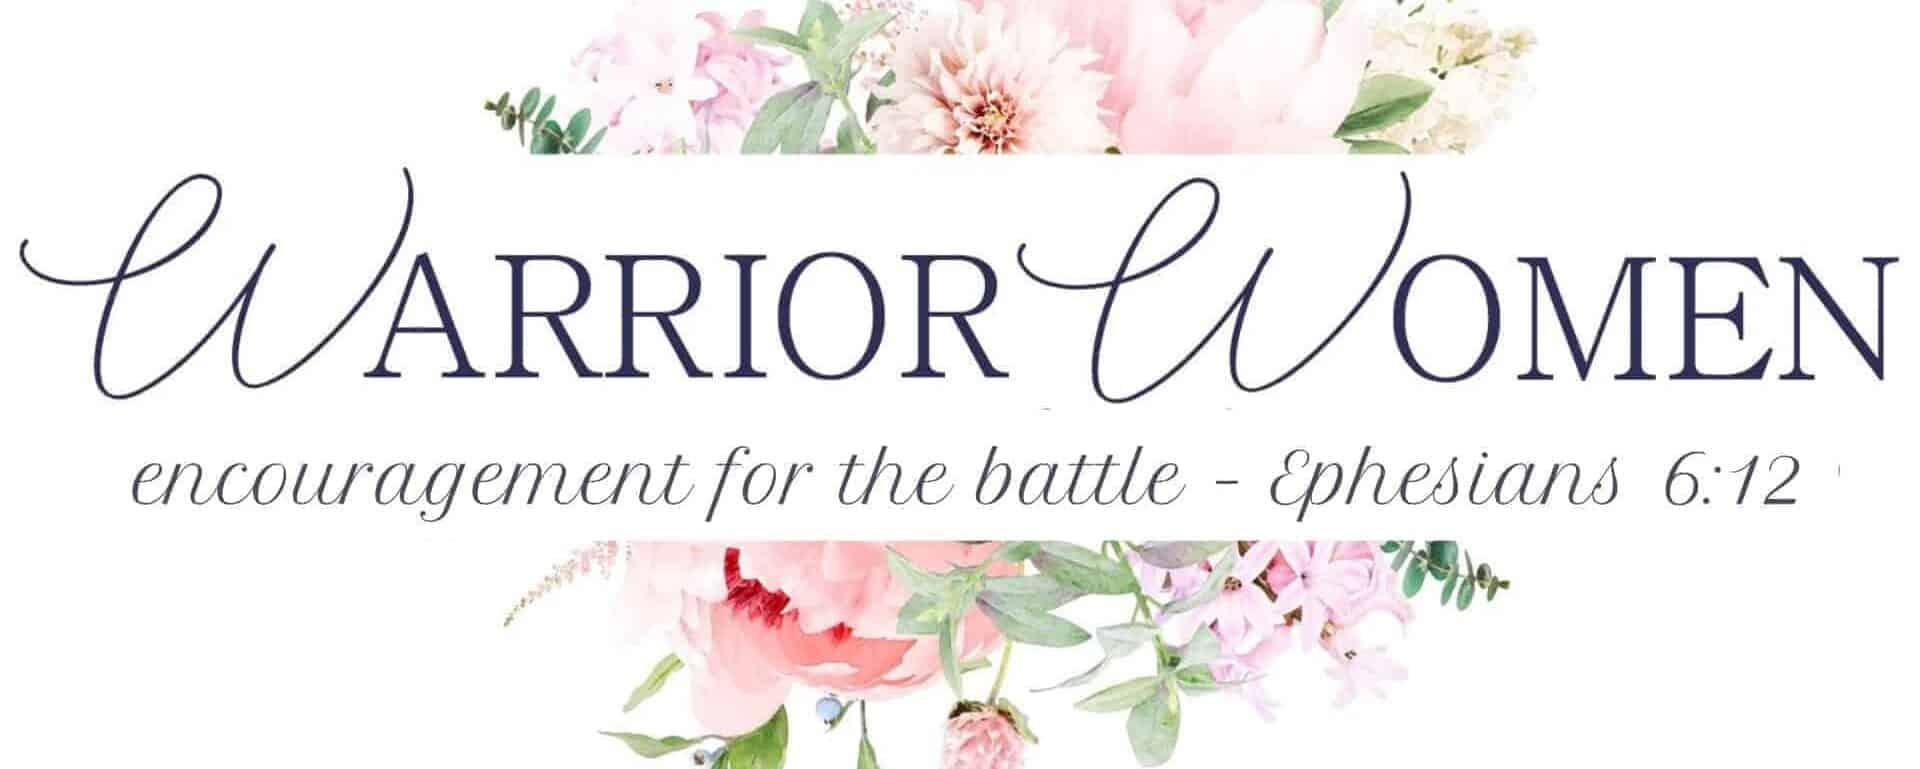 Warrior Women Blog